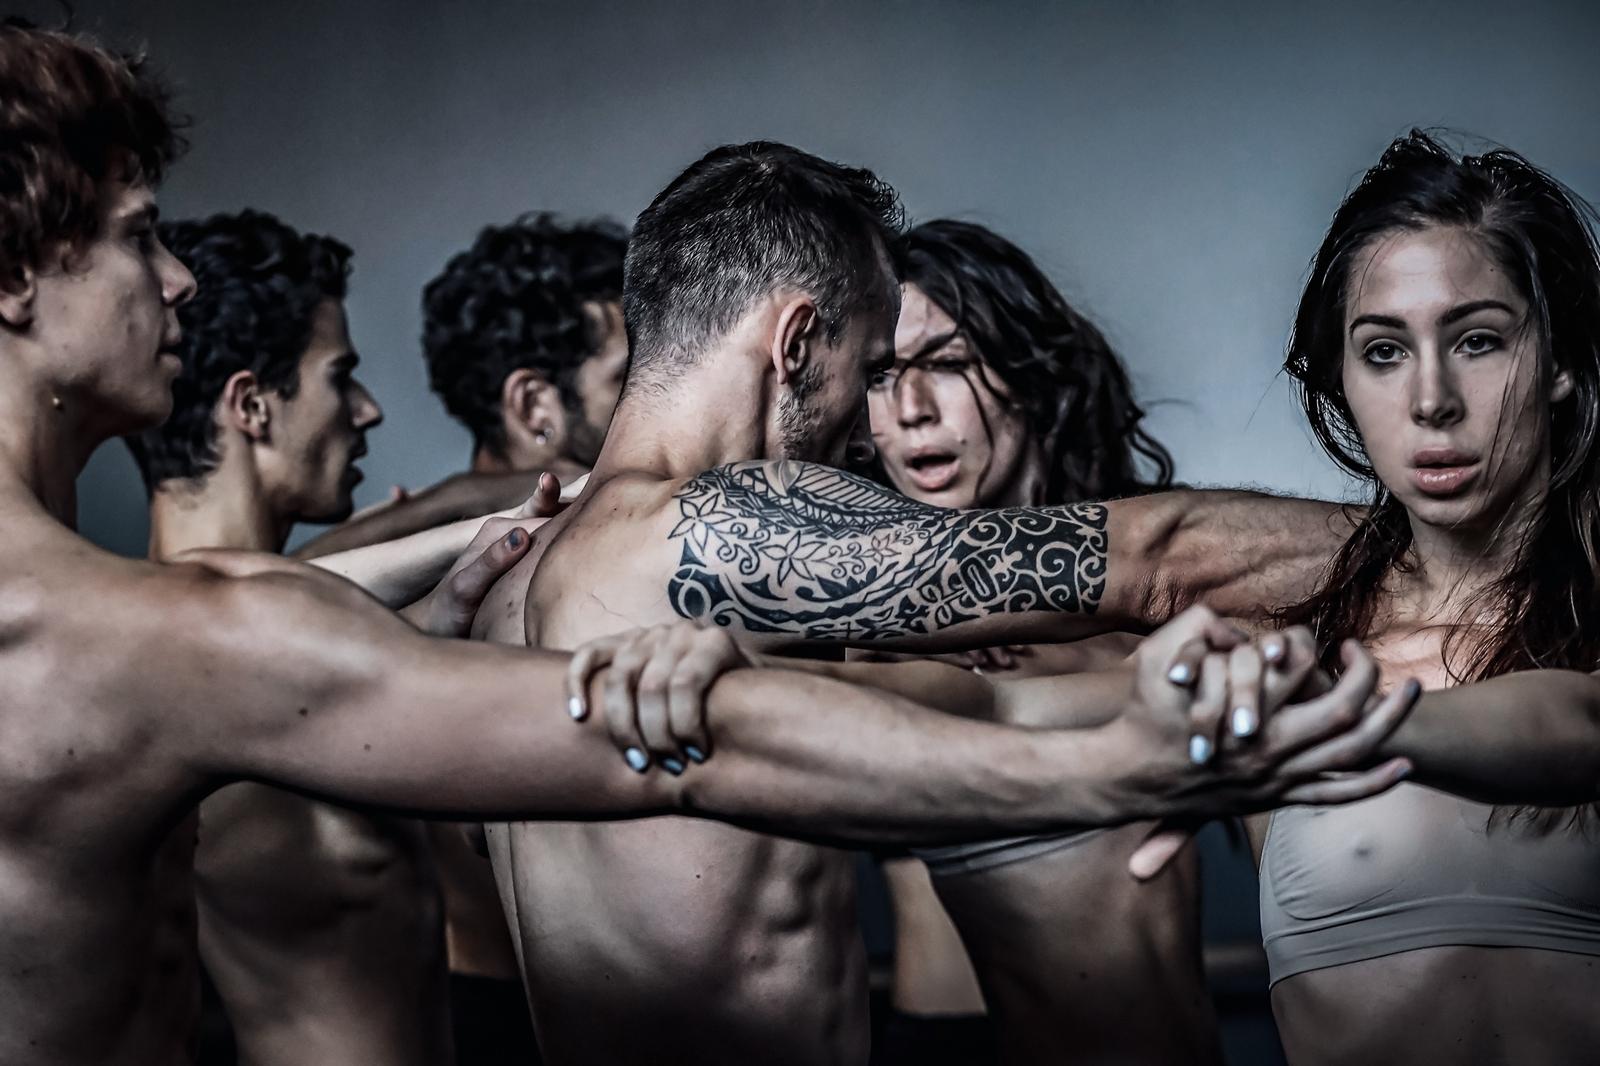 """""""Plamteća voda"""" riječkog Baleta - ples suprotnosti uz jake emocije i snažnu umjetničku poruku"""